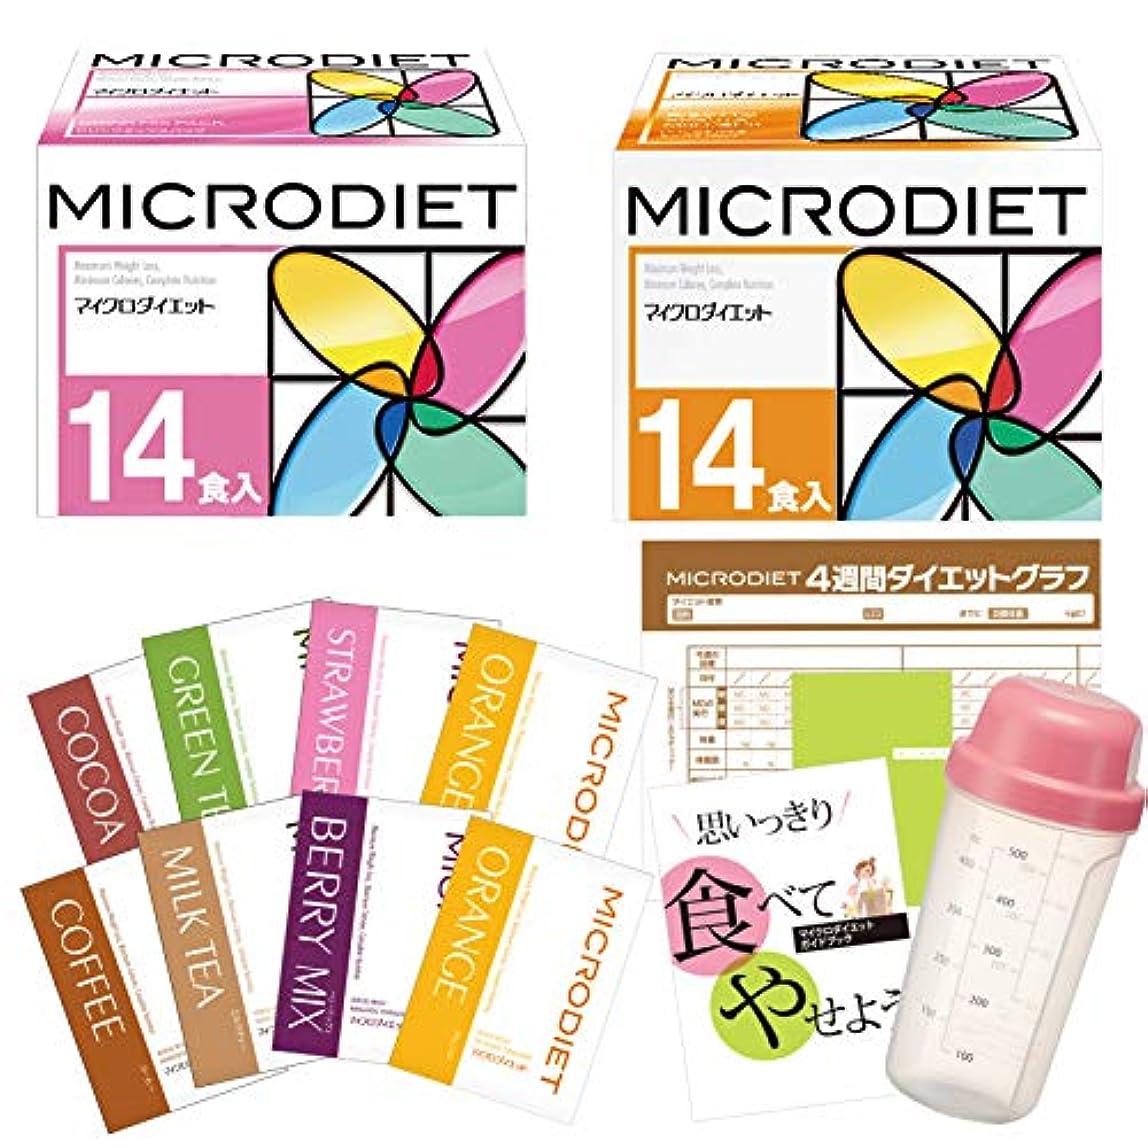 ジャンクション床サーキットに行くマイクロダイエット2箱+8食セット(初回特典付き)ドリンク、リゾット&パスタ各1箱:06AMA2-0000022